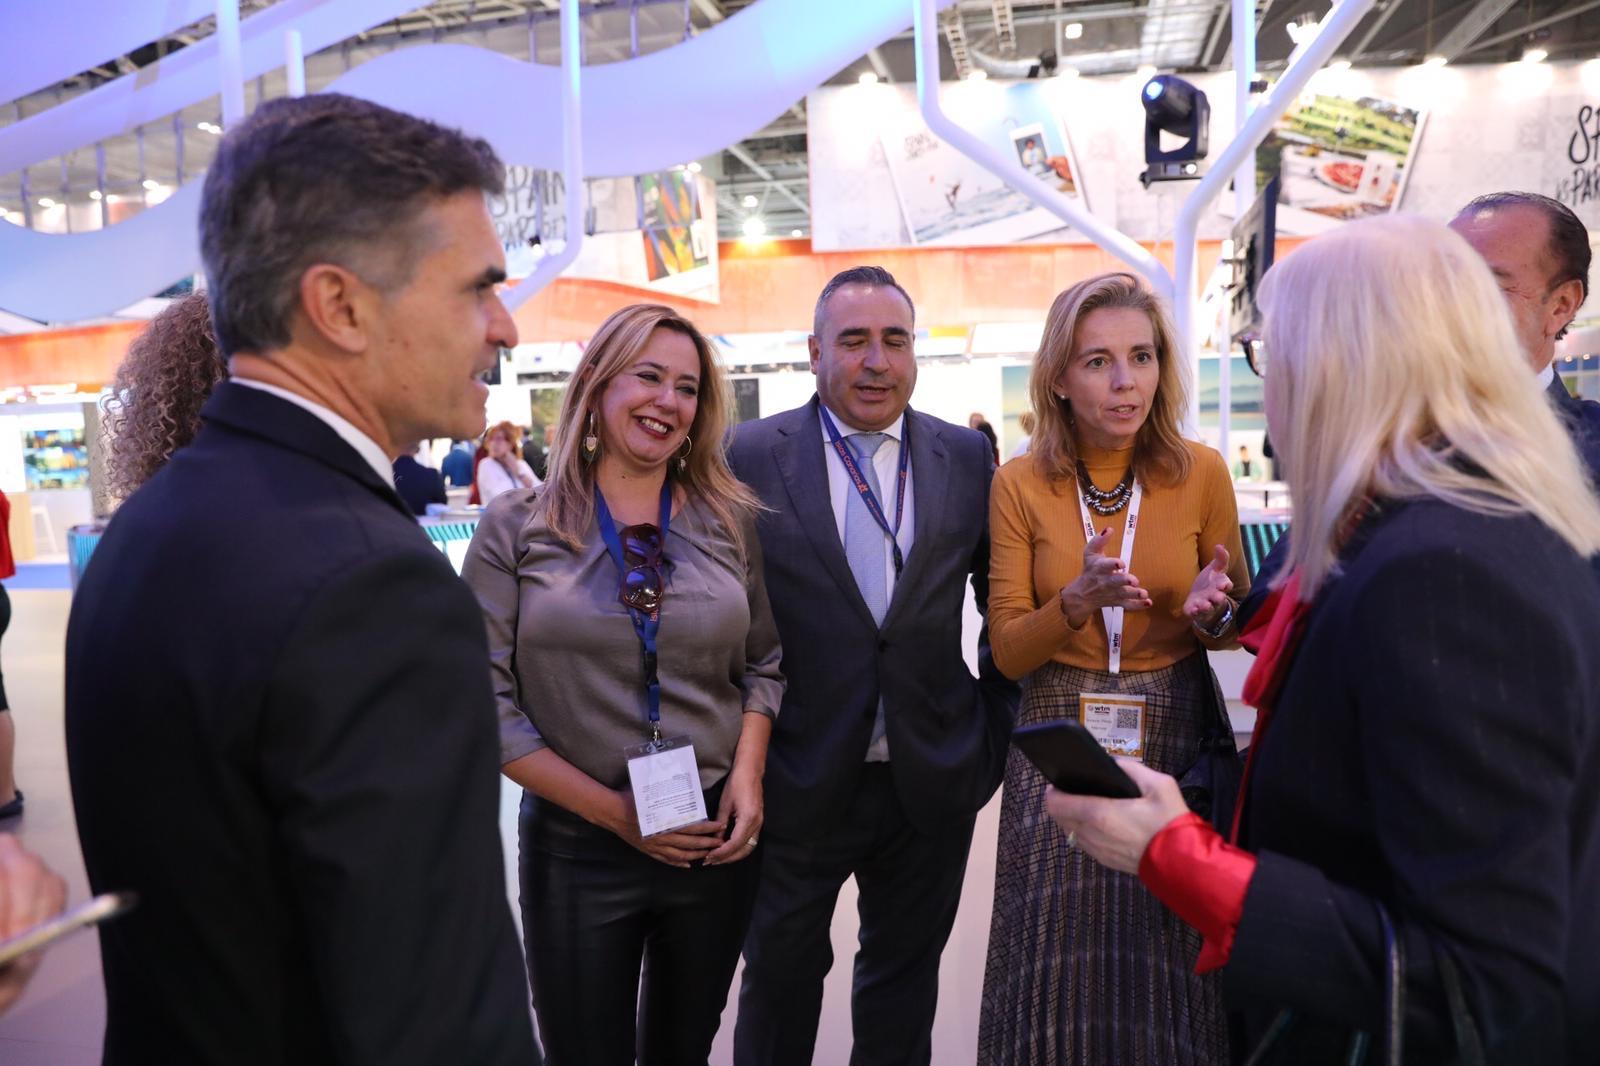 Mª Dolores Corujo y Ángel Vázquez cierran con Jet2 un aumento de casi 56.000 plazas para este invierno con el mercado anglosajón, 16.000 más de las previstas inicialmente por el operador británico